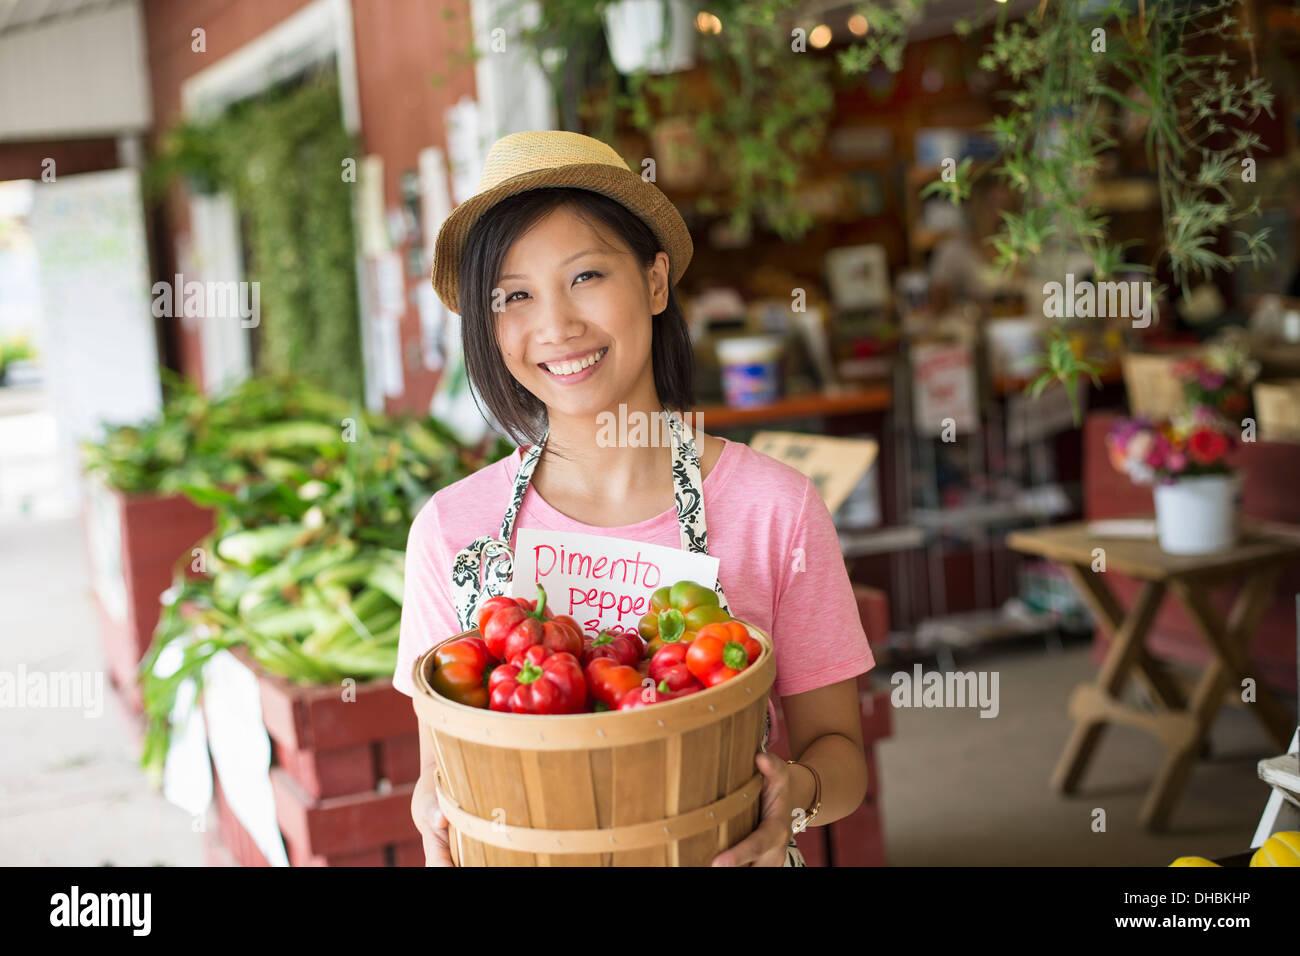 Une femme travaillant dans une ferme bio stand, affichage des légumes frais pour la vente. Banque D'Images